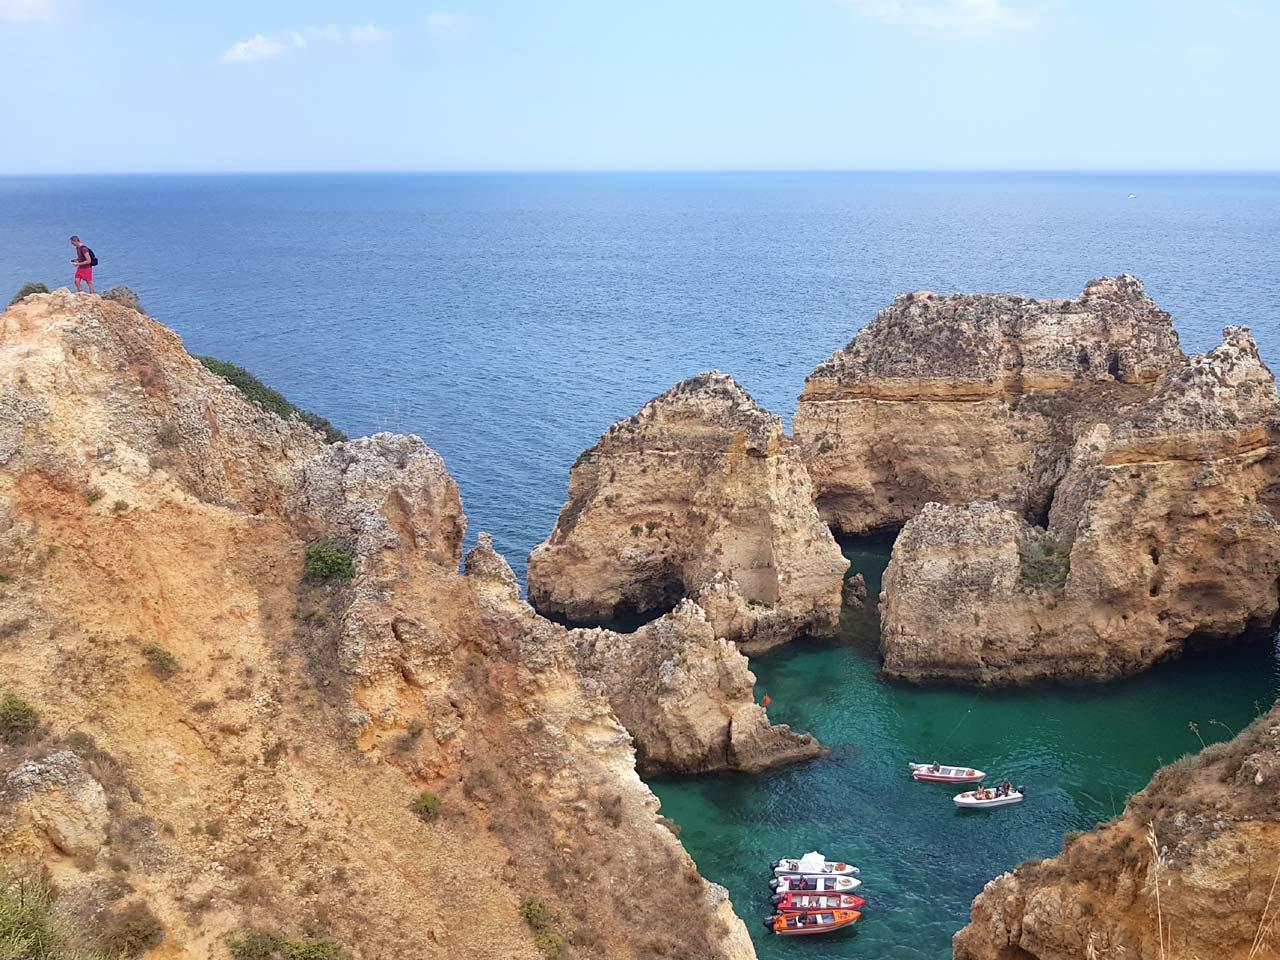 Typischer Ausblick an der Algarve – wer einen Campervan mietet, kann so nah dran sein